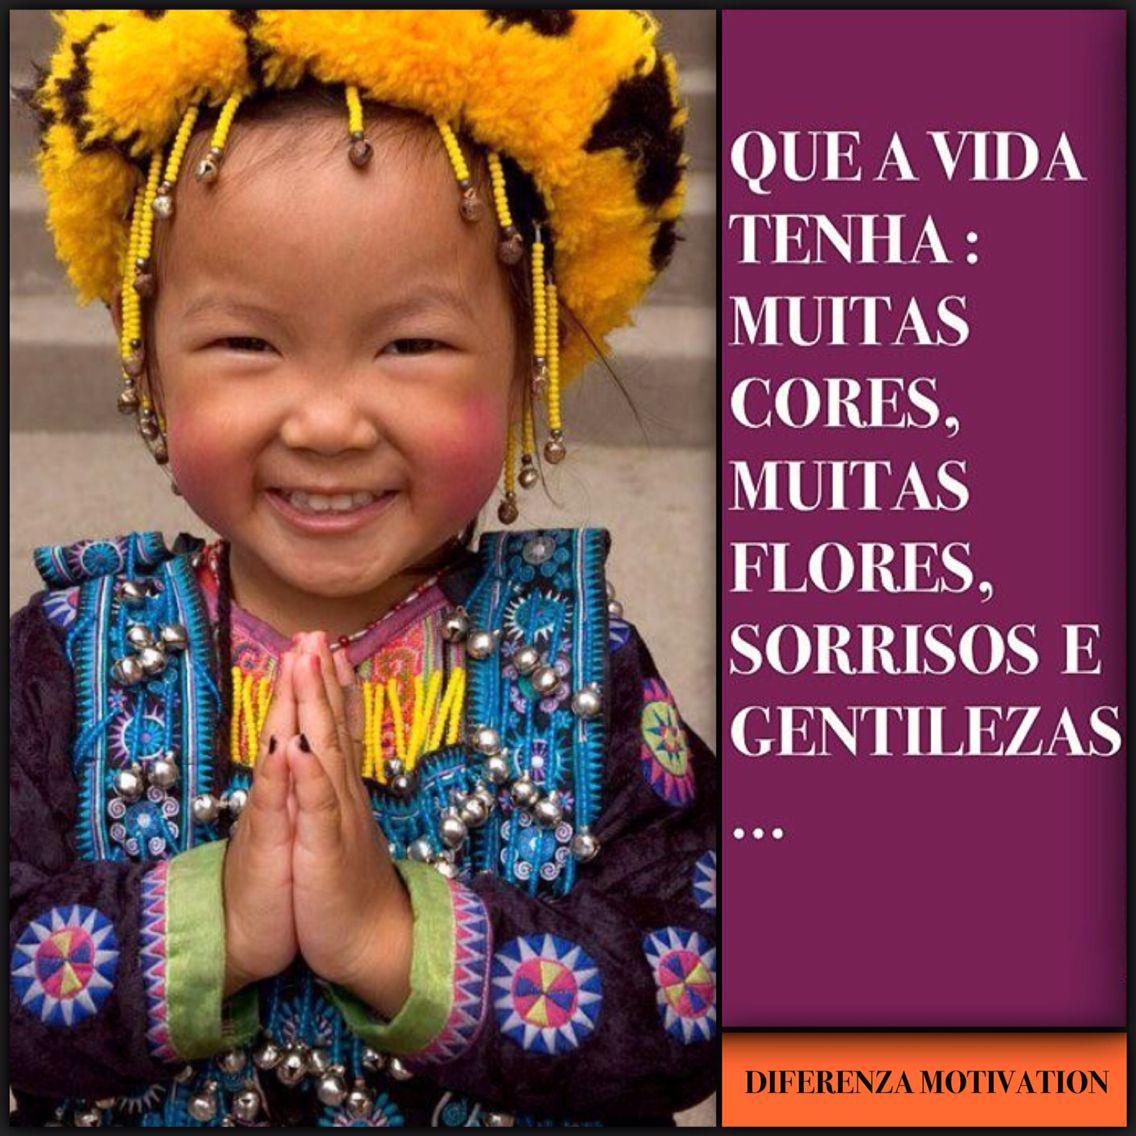 DIFERENZA MOTIVATION BOM DIA !!!!! ACALME A MENTE , CUIDE DO SEU CORPO E MANTENHA O CORAÇÃO FELIZ !!! ÓTIMO DOMINGO !!!! #diferenzamotivation #bomdia #amor #motivação #foco #inspira #inspiração #trabalho #sorrisos #domingo #felizdomingo #sorriamuito #deusnocomando #sucesso #prosperidade #viagem #gratidão #asia #travelling #trip #colors #flowers #sucesso #smile #borboletas #diversão #fé #faith #felicidade #confiança #forçadevontade